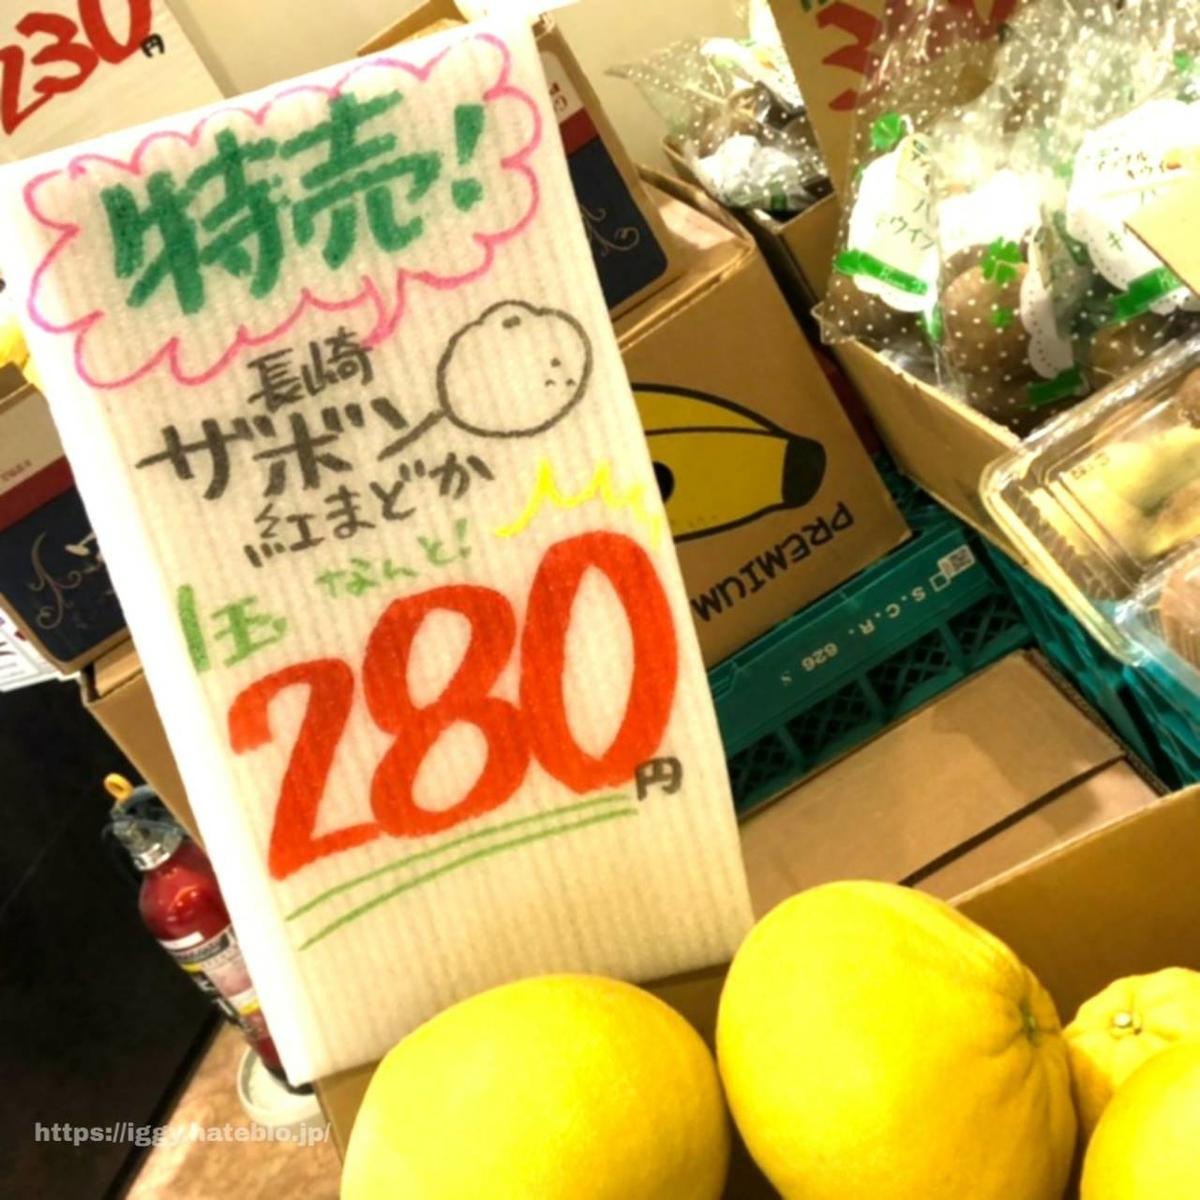 ザボン280円 iggy2019